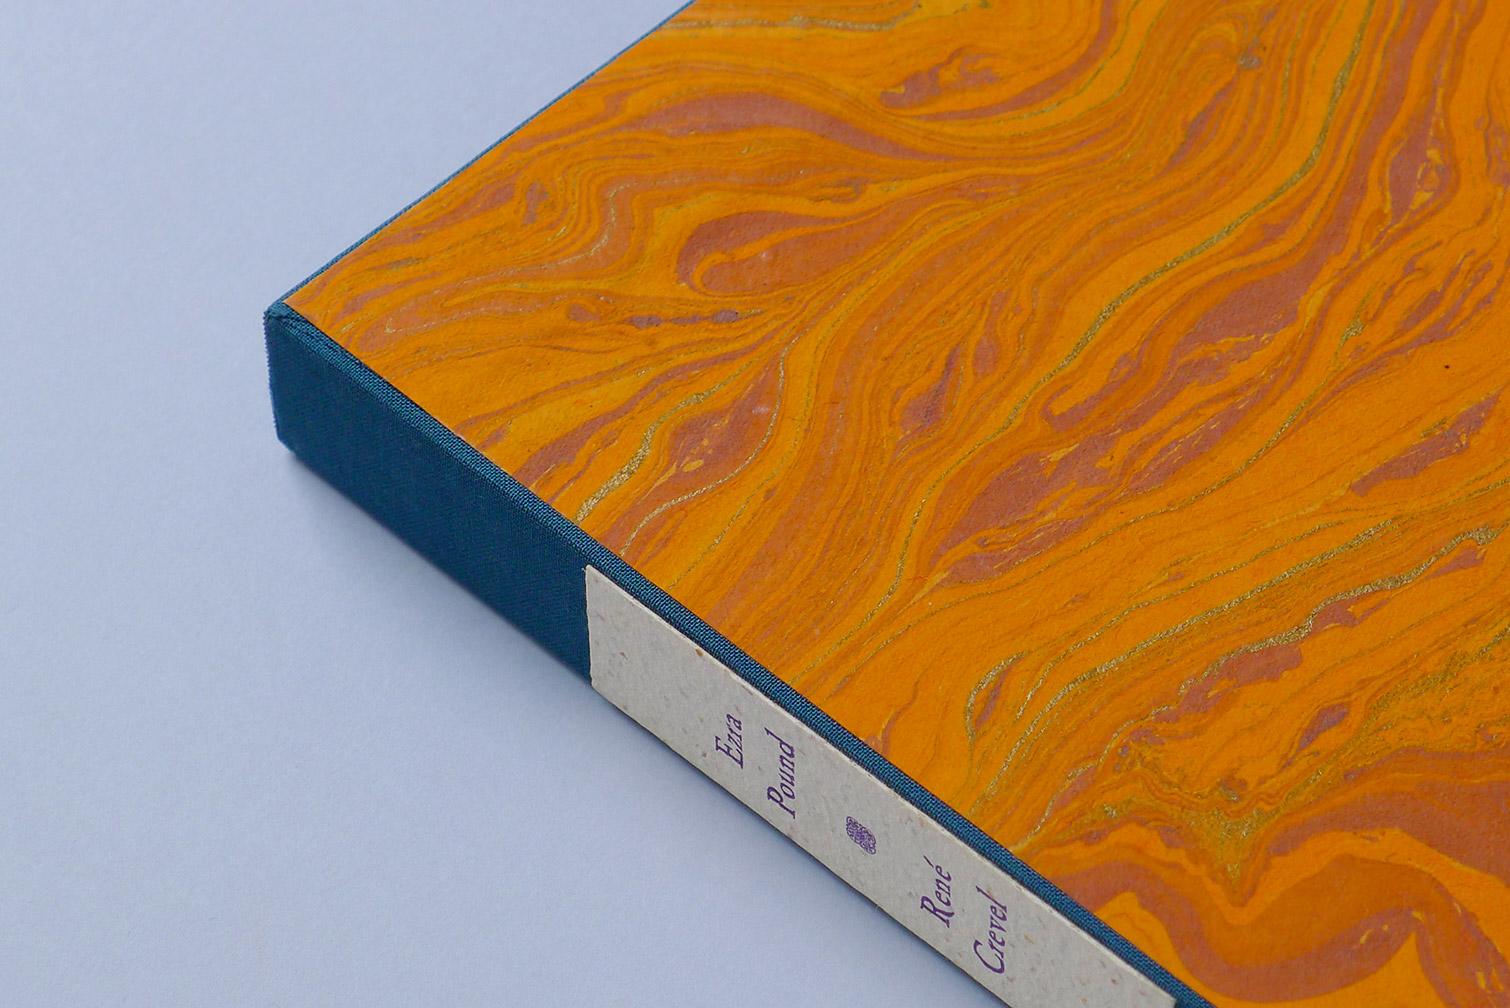 michael-caine-petropolis-crevel-pound-L1670718.jpg